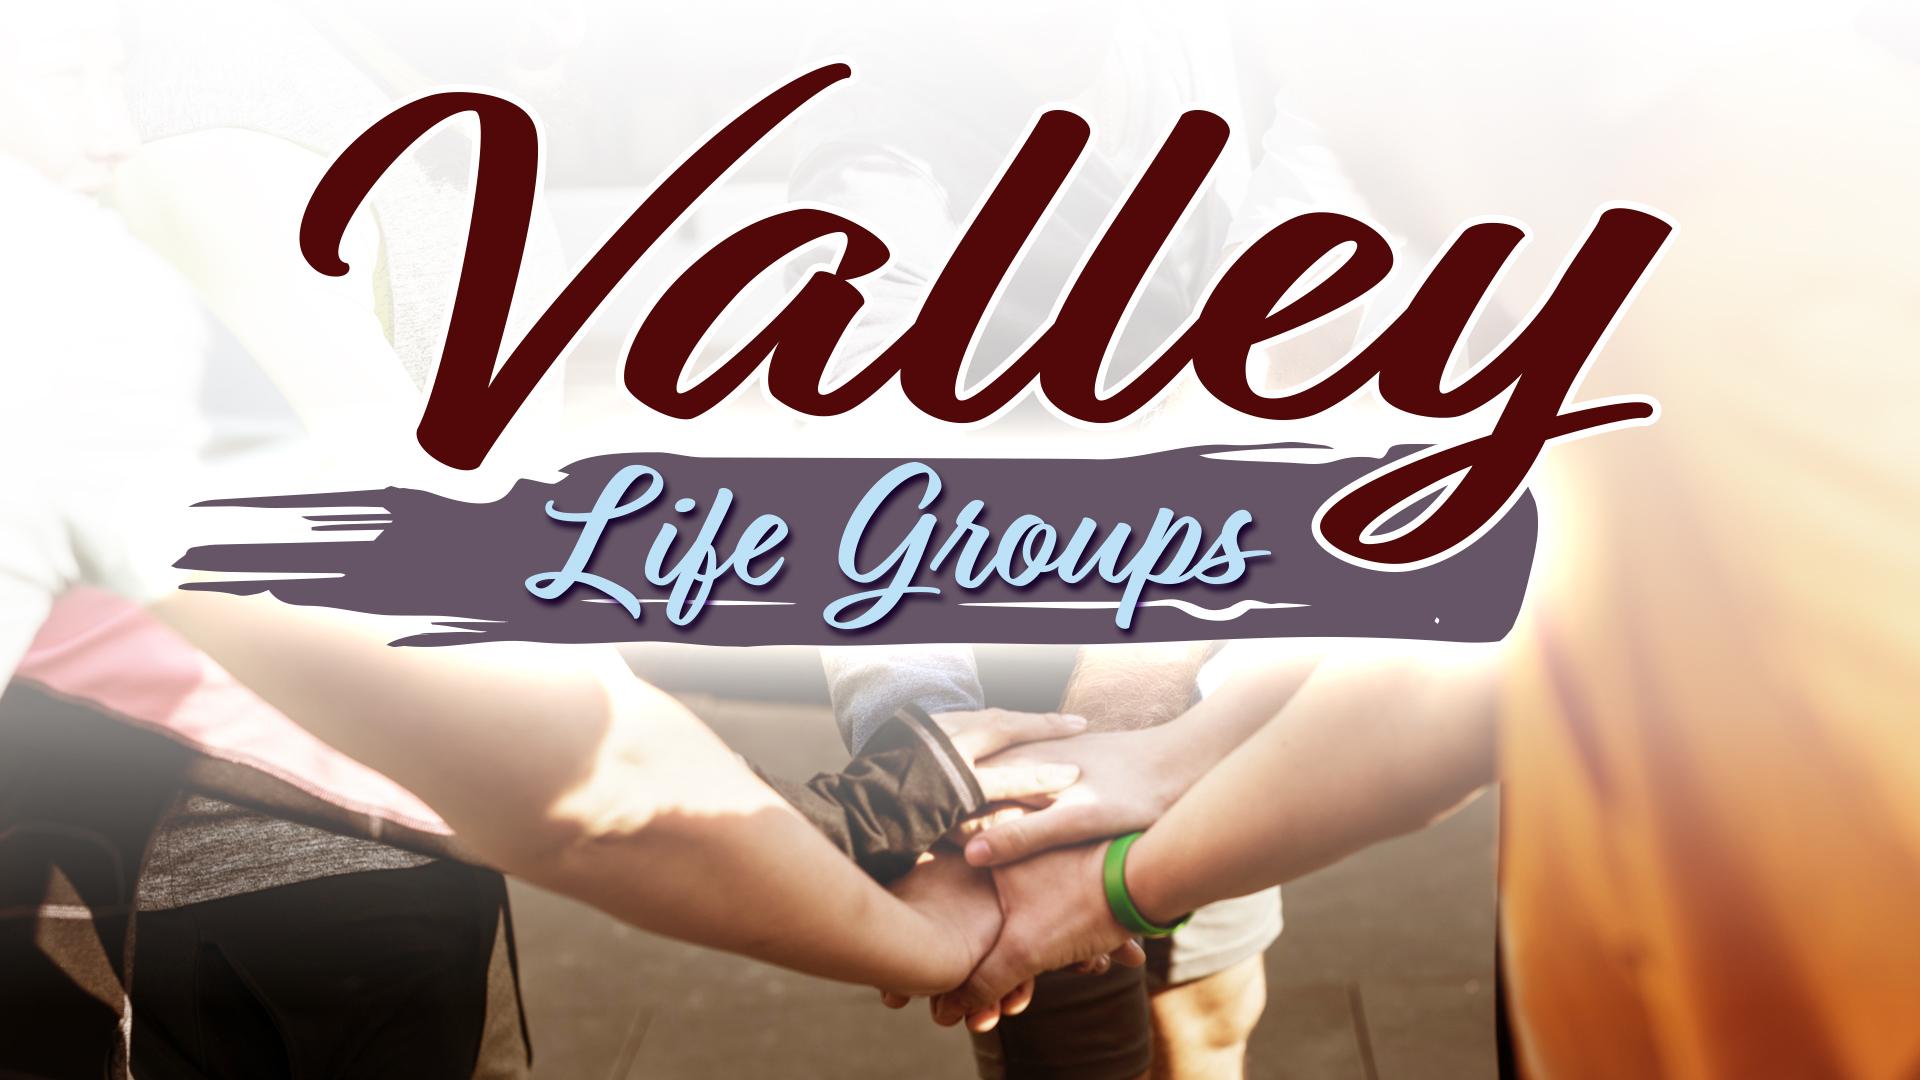 Valley Life Groups Slide.jpg